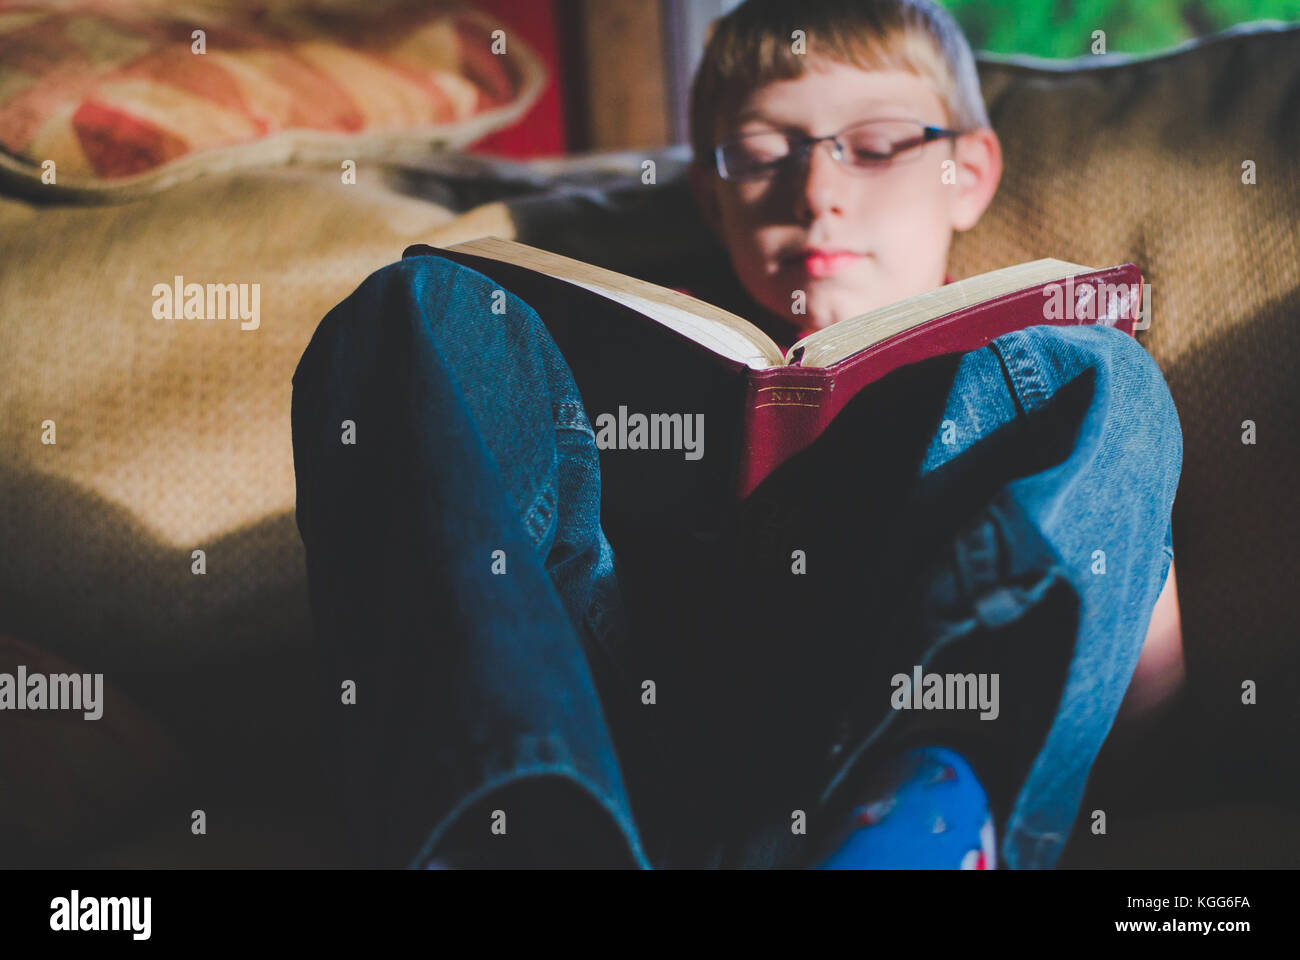 10-11 anno vecchio ragazzo la lettura di un libro Immagini Stock